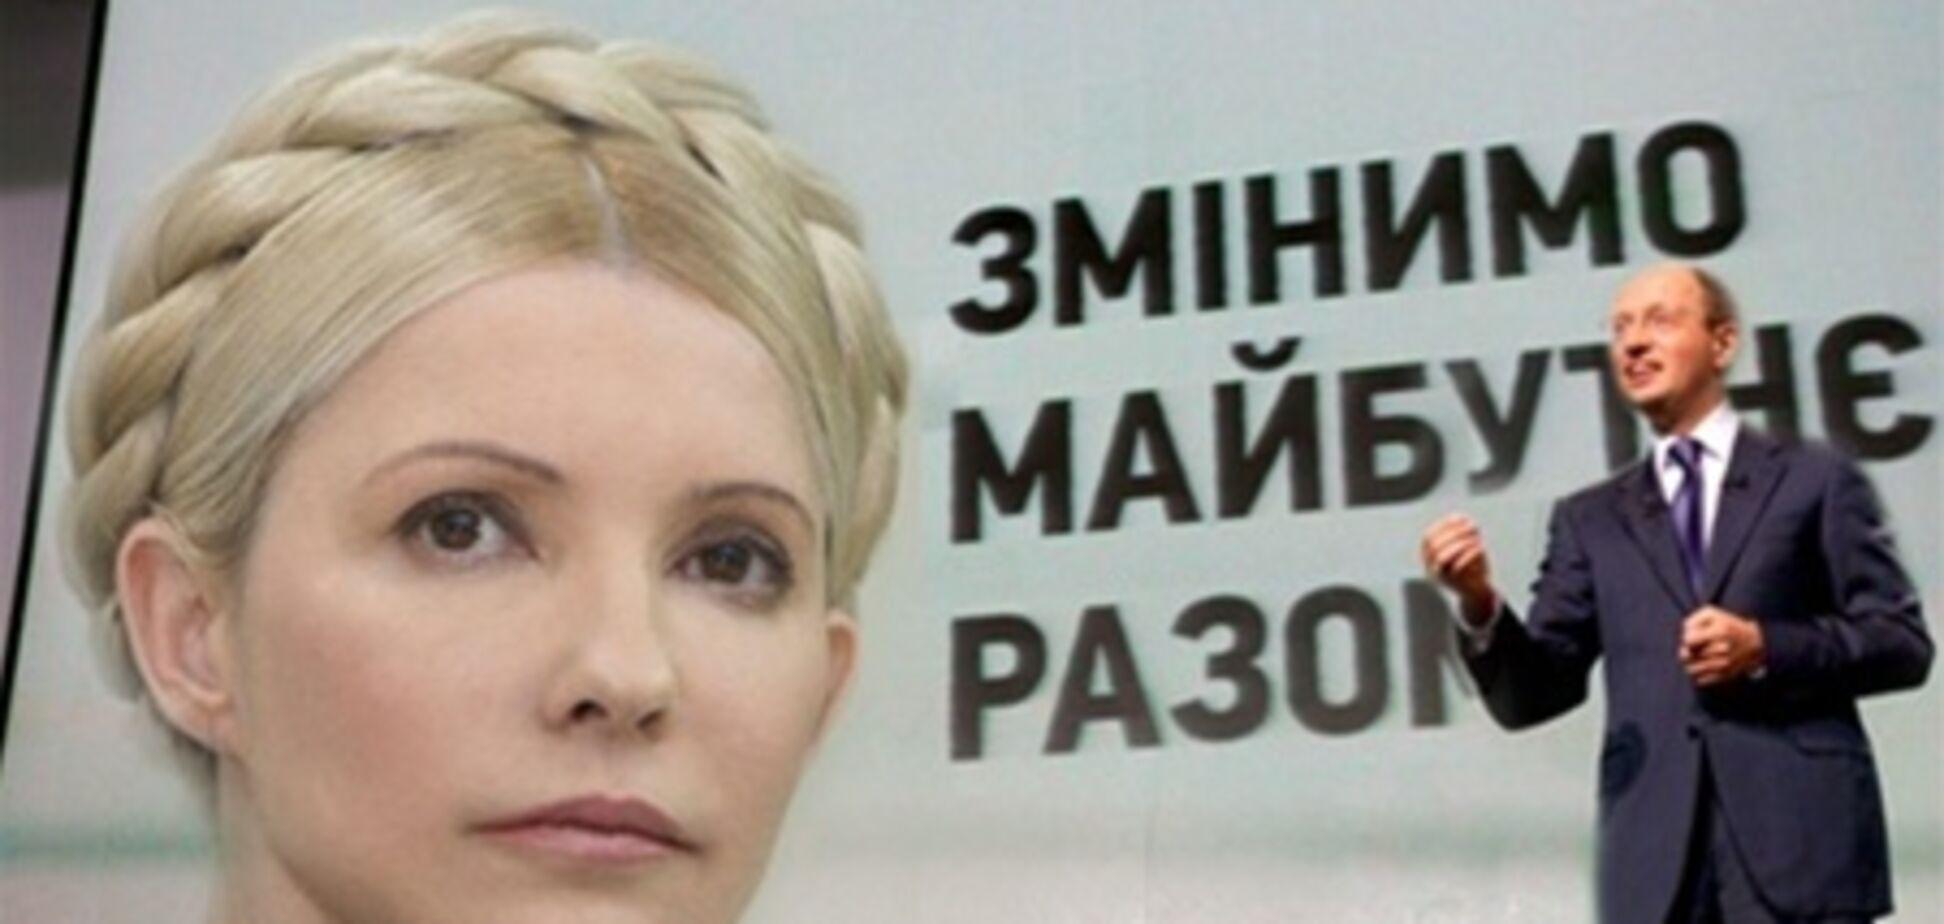 Тимошенко може стати прем'єром при президентові Яценюку - експерт